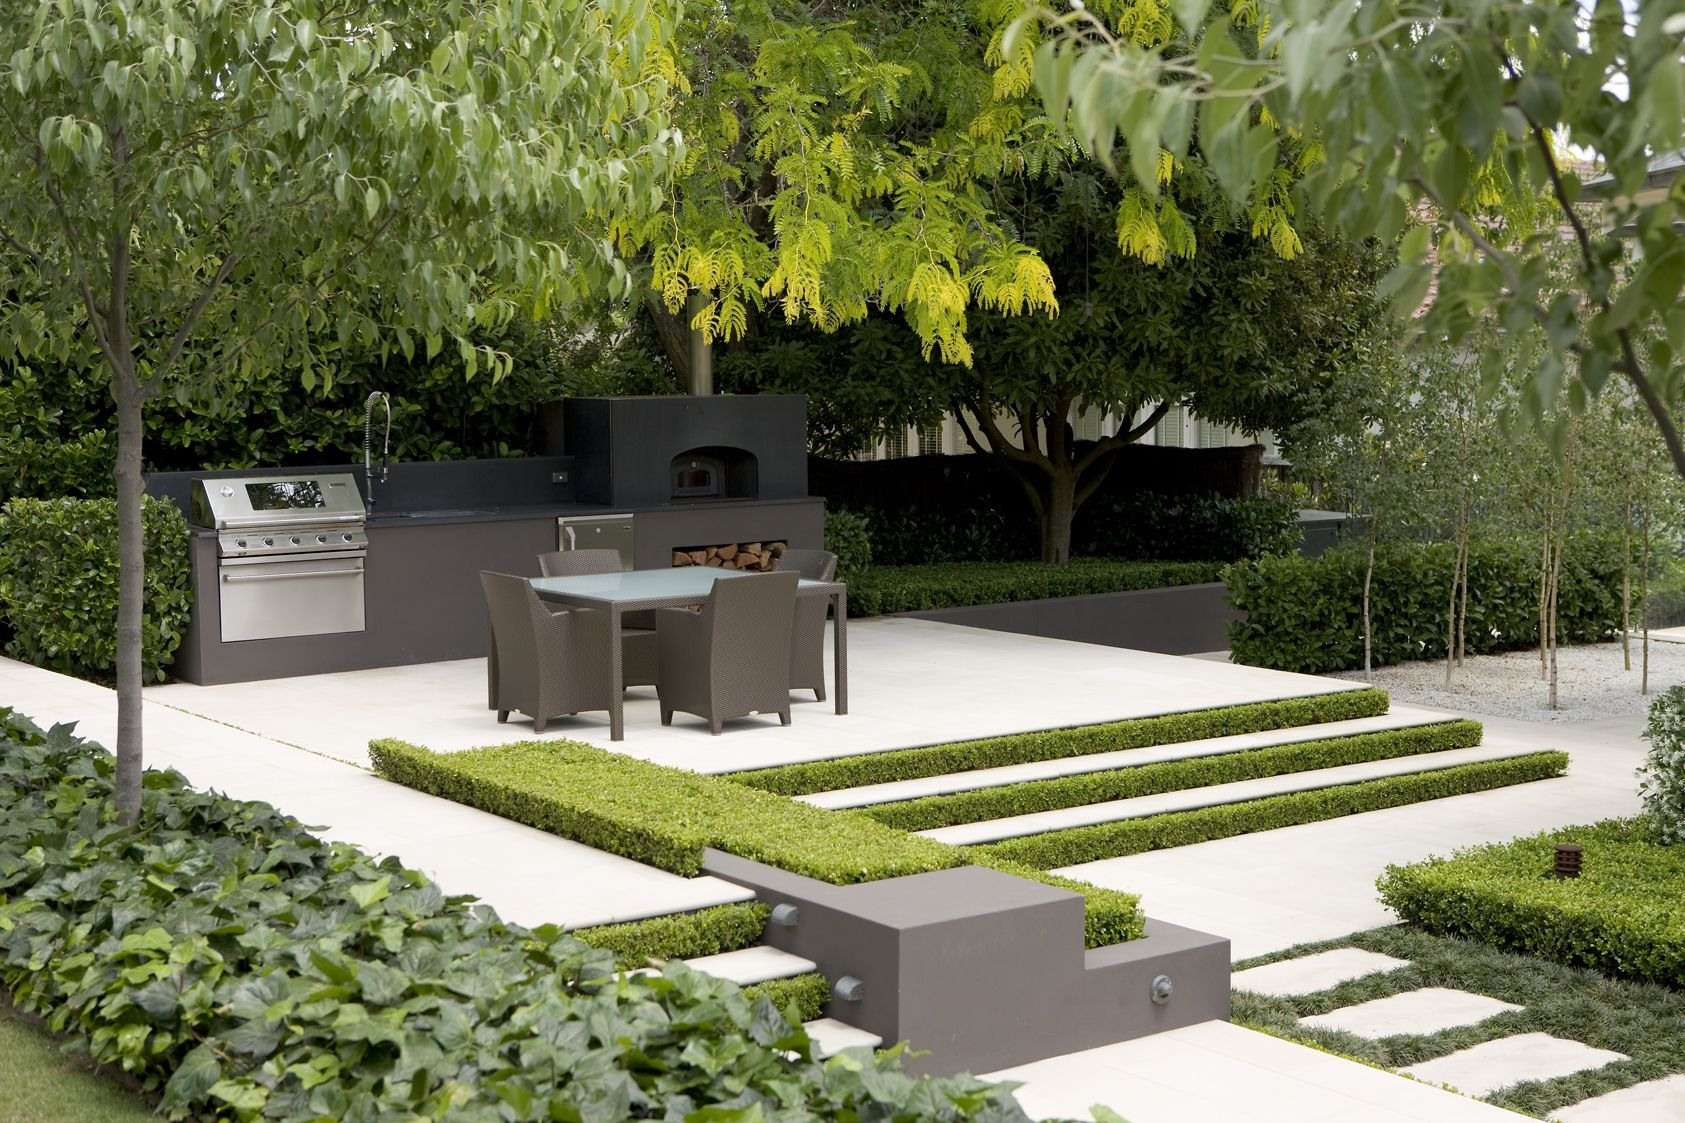 Astounding French Garden Design Ideas Of Modern Acnn Decor